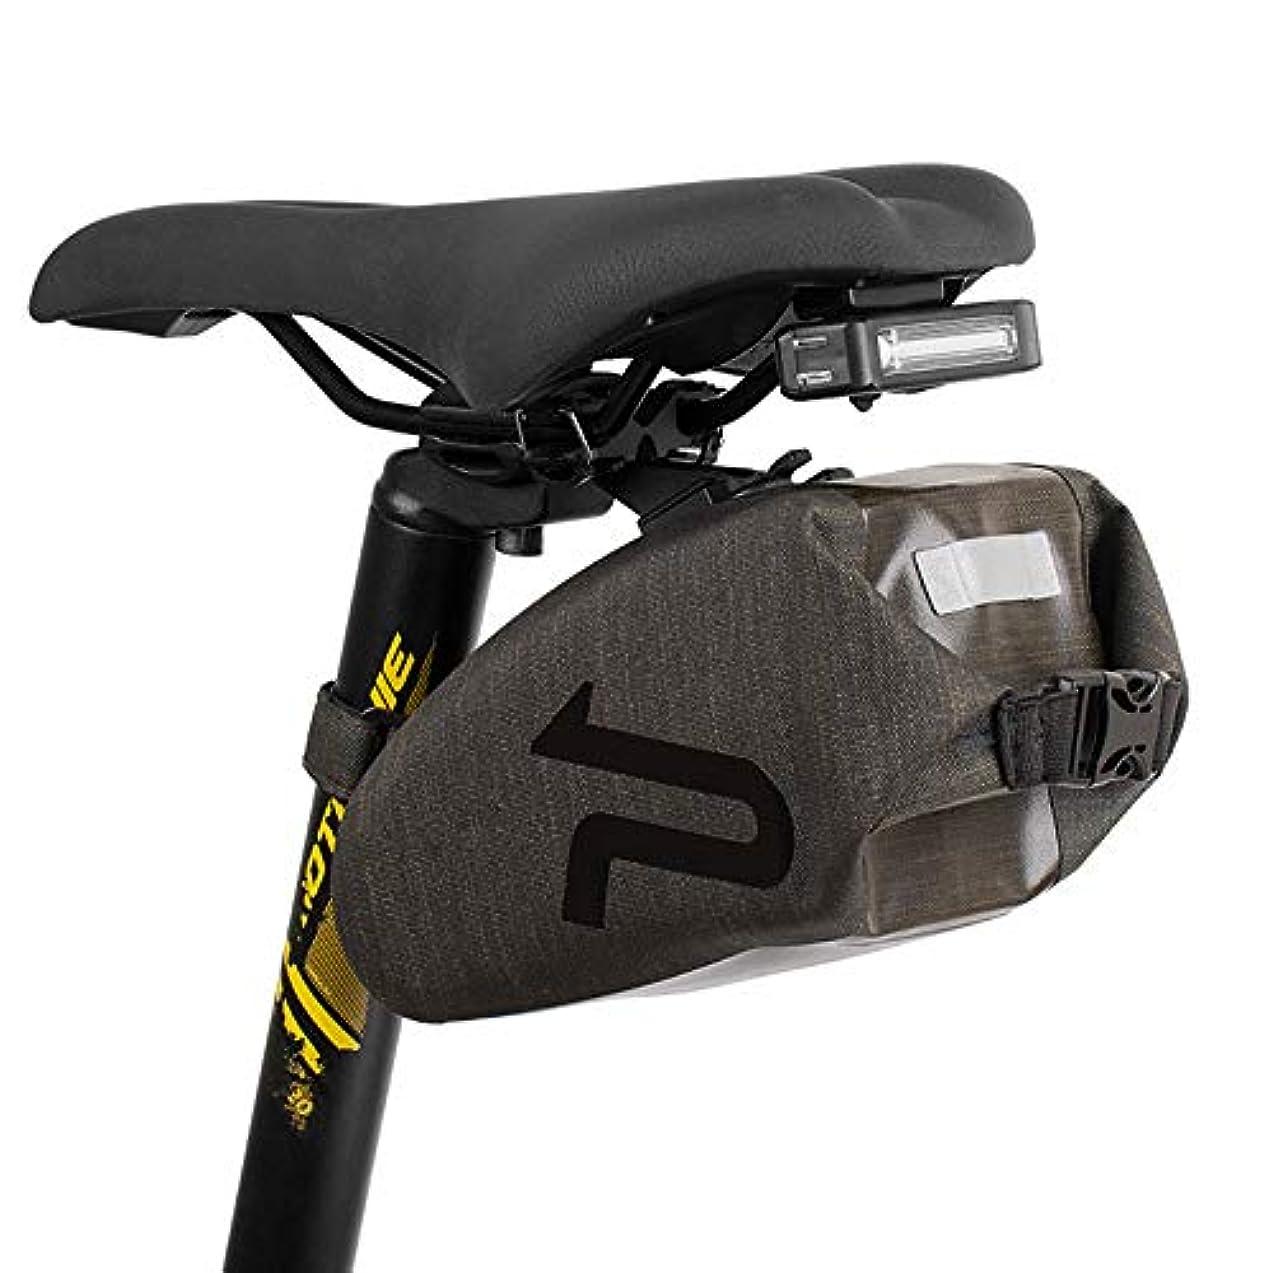 従事するプレビスサイト会う自転車防水テールバッグ1つのハードシェルサドルバッグクッションバッグサイクリングバッグ防水 自転車サドルバッグ大容量